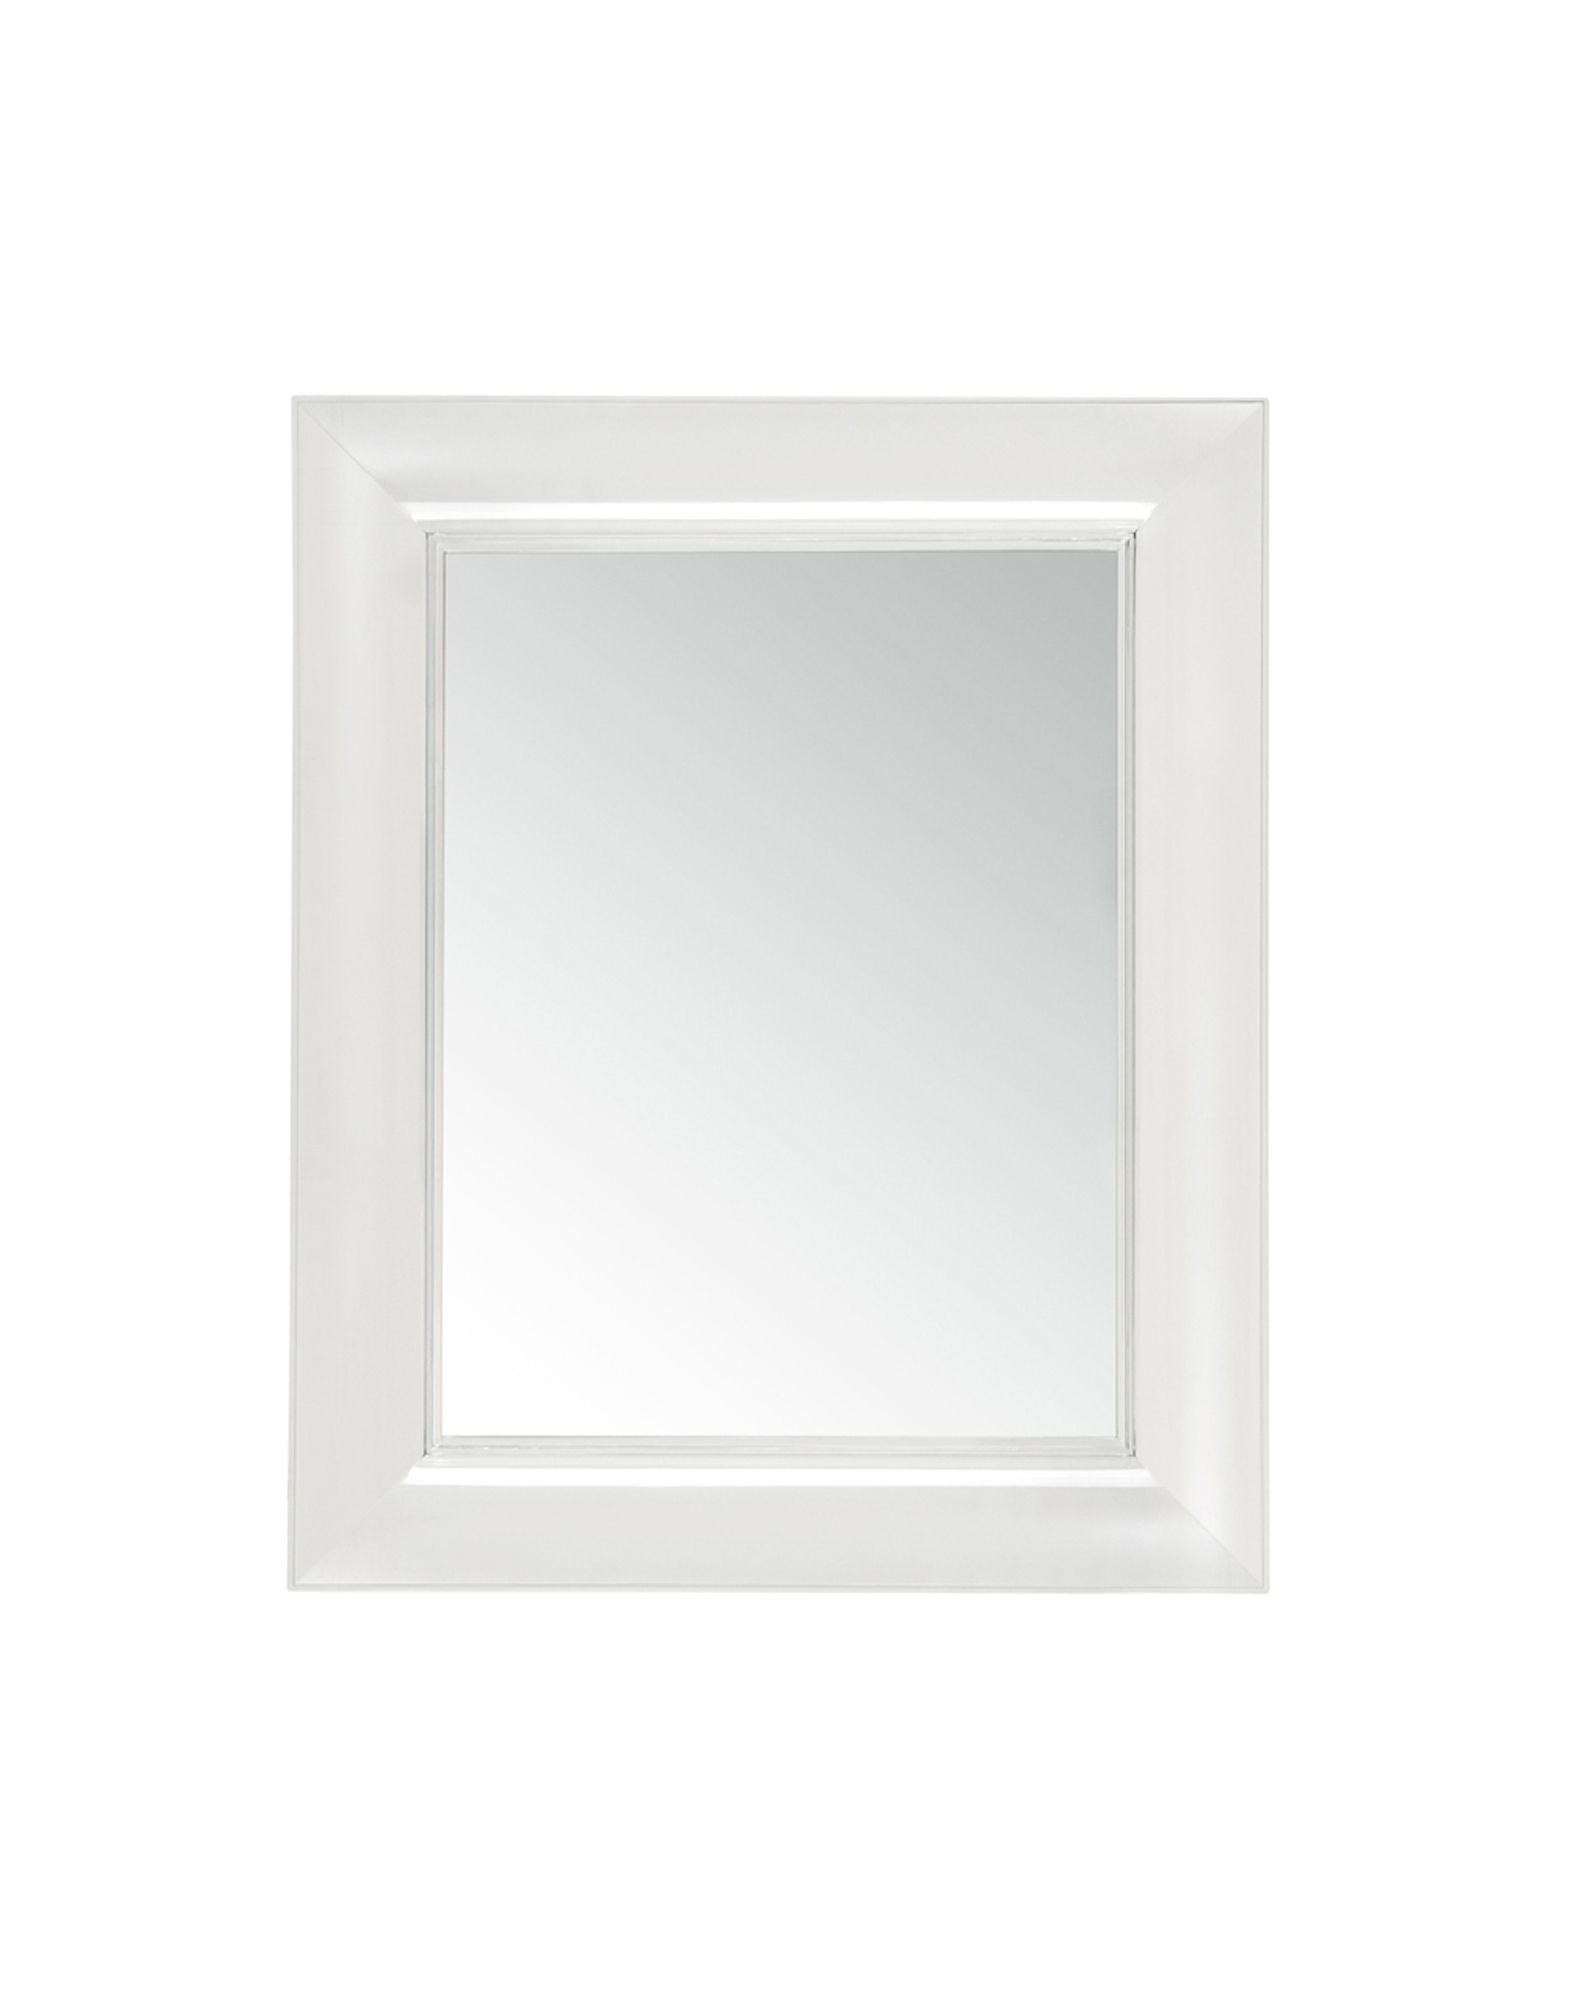 kartell specchio francois ghost cristallo specchi